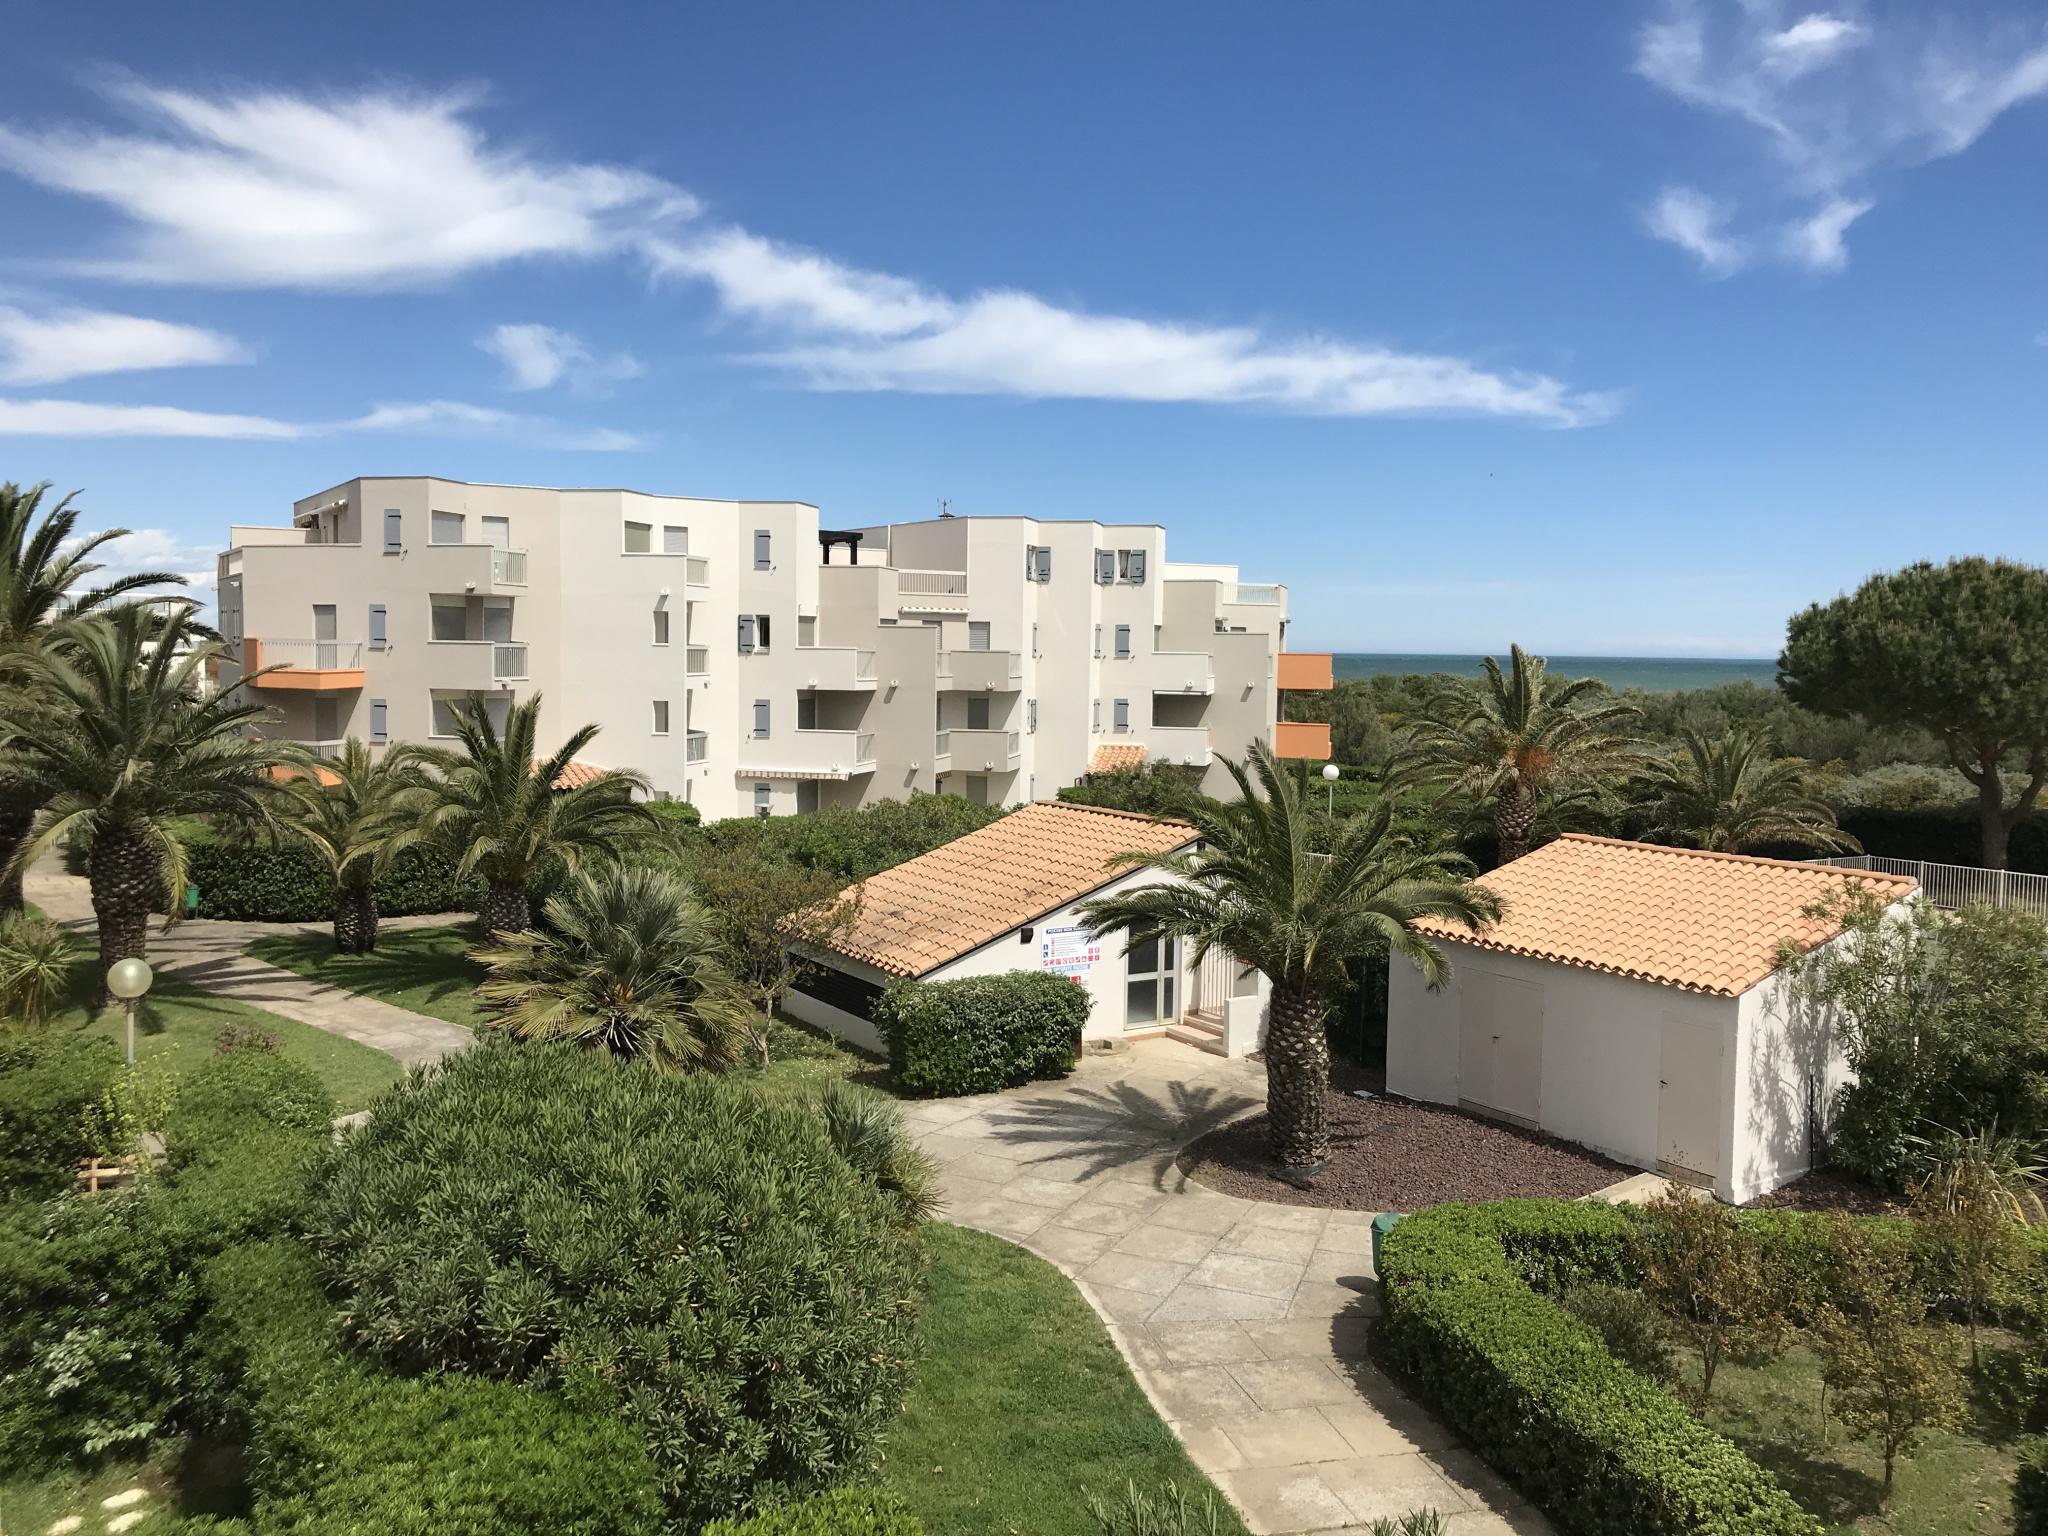 À vendre appartement de 36.46m2 à st cyprien plage (66750) - Photo 1'